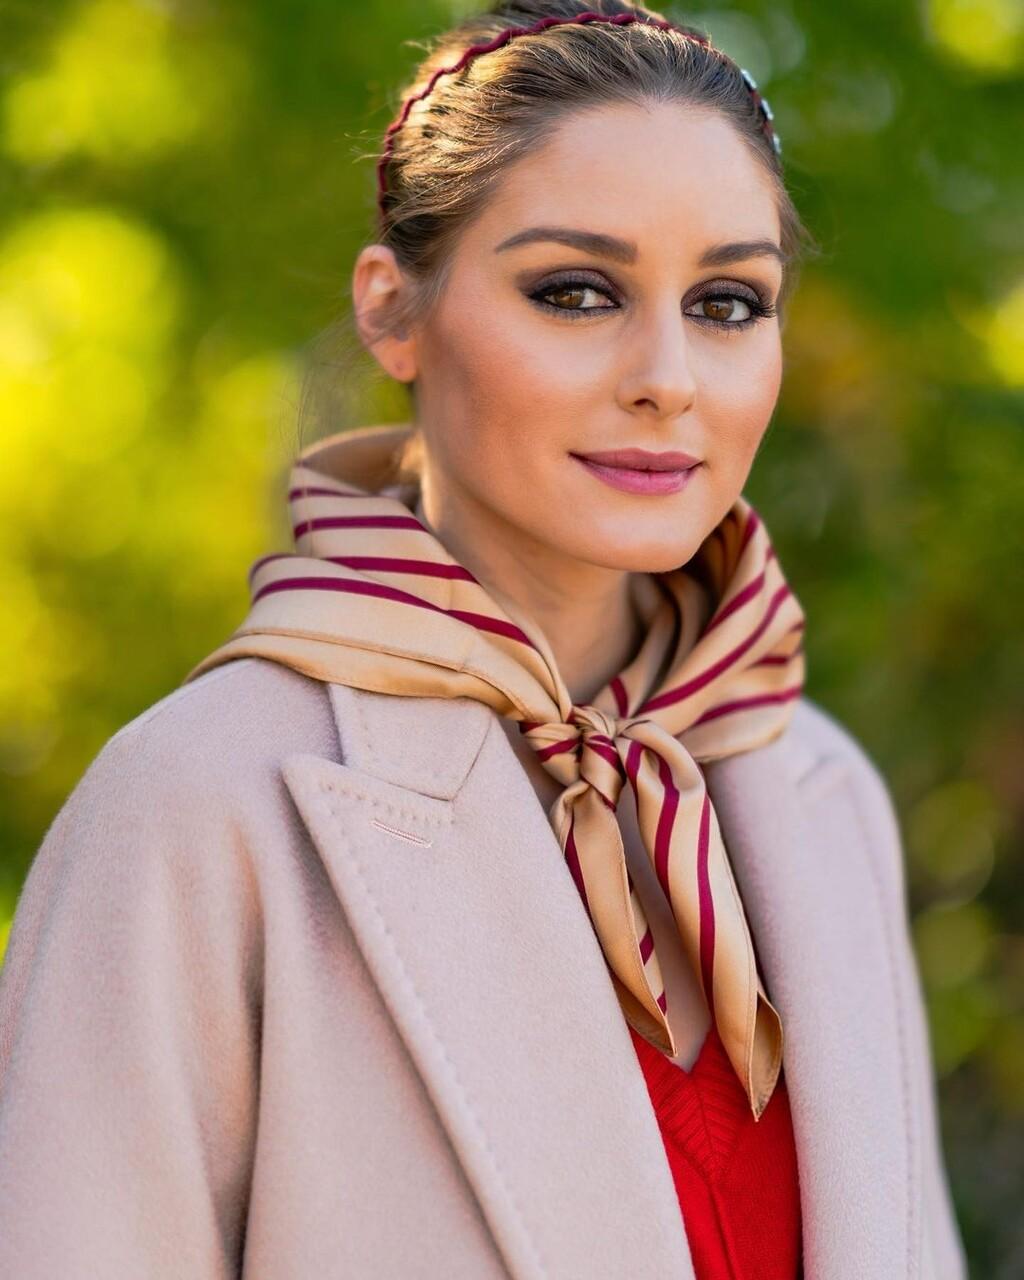 Claves de estilo: cómo vestir como Olivia Palermo sin dejarnos el sueldo en el camino